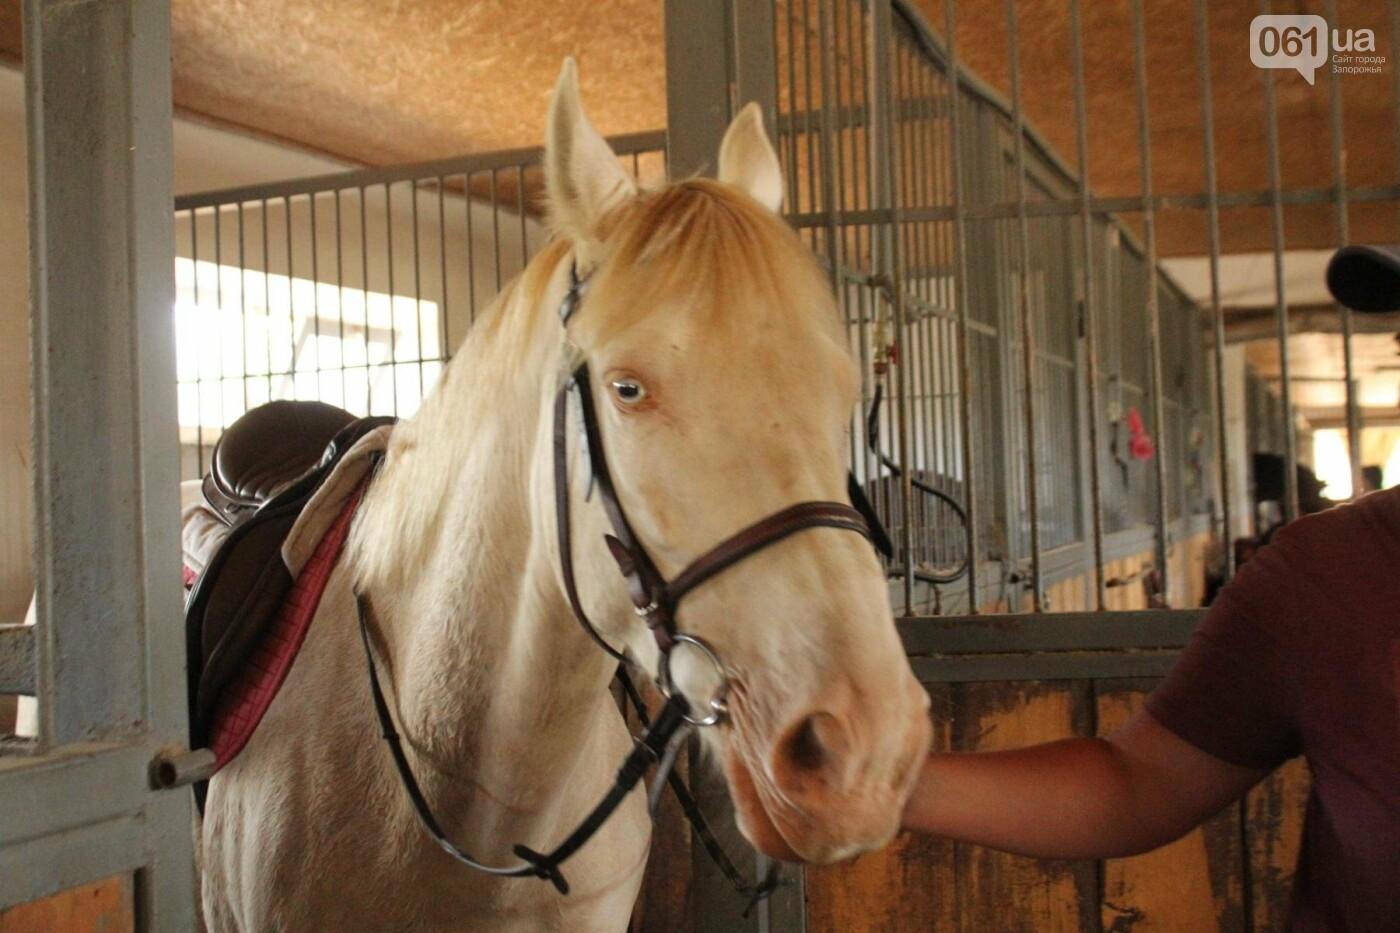 Незабываемое общение с лошадьми: экскурсия в конноспортивный клуб «Патриот», – ФОТОРЕПОРТАЖ, фото-3